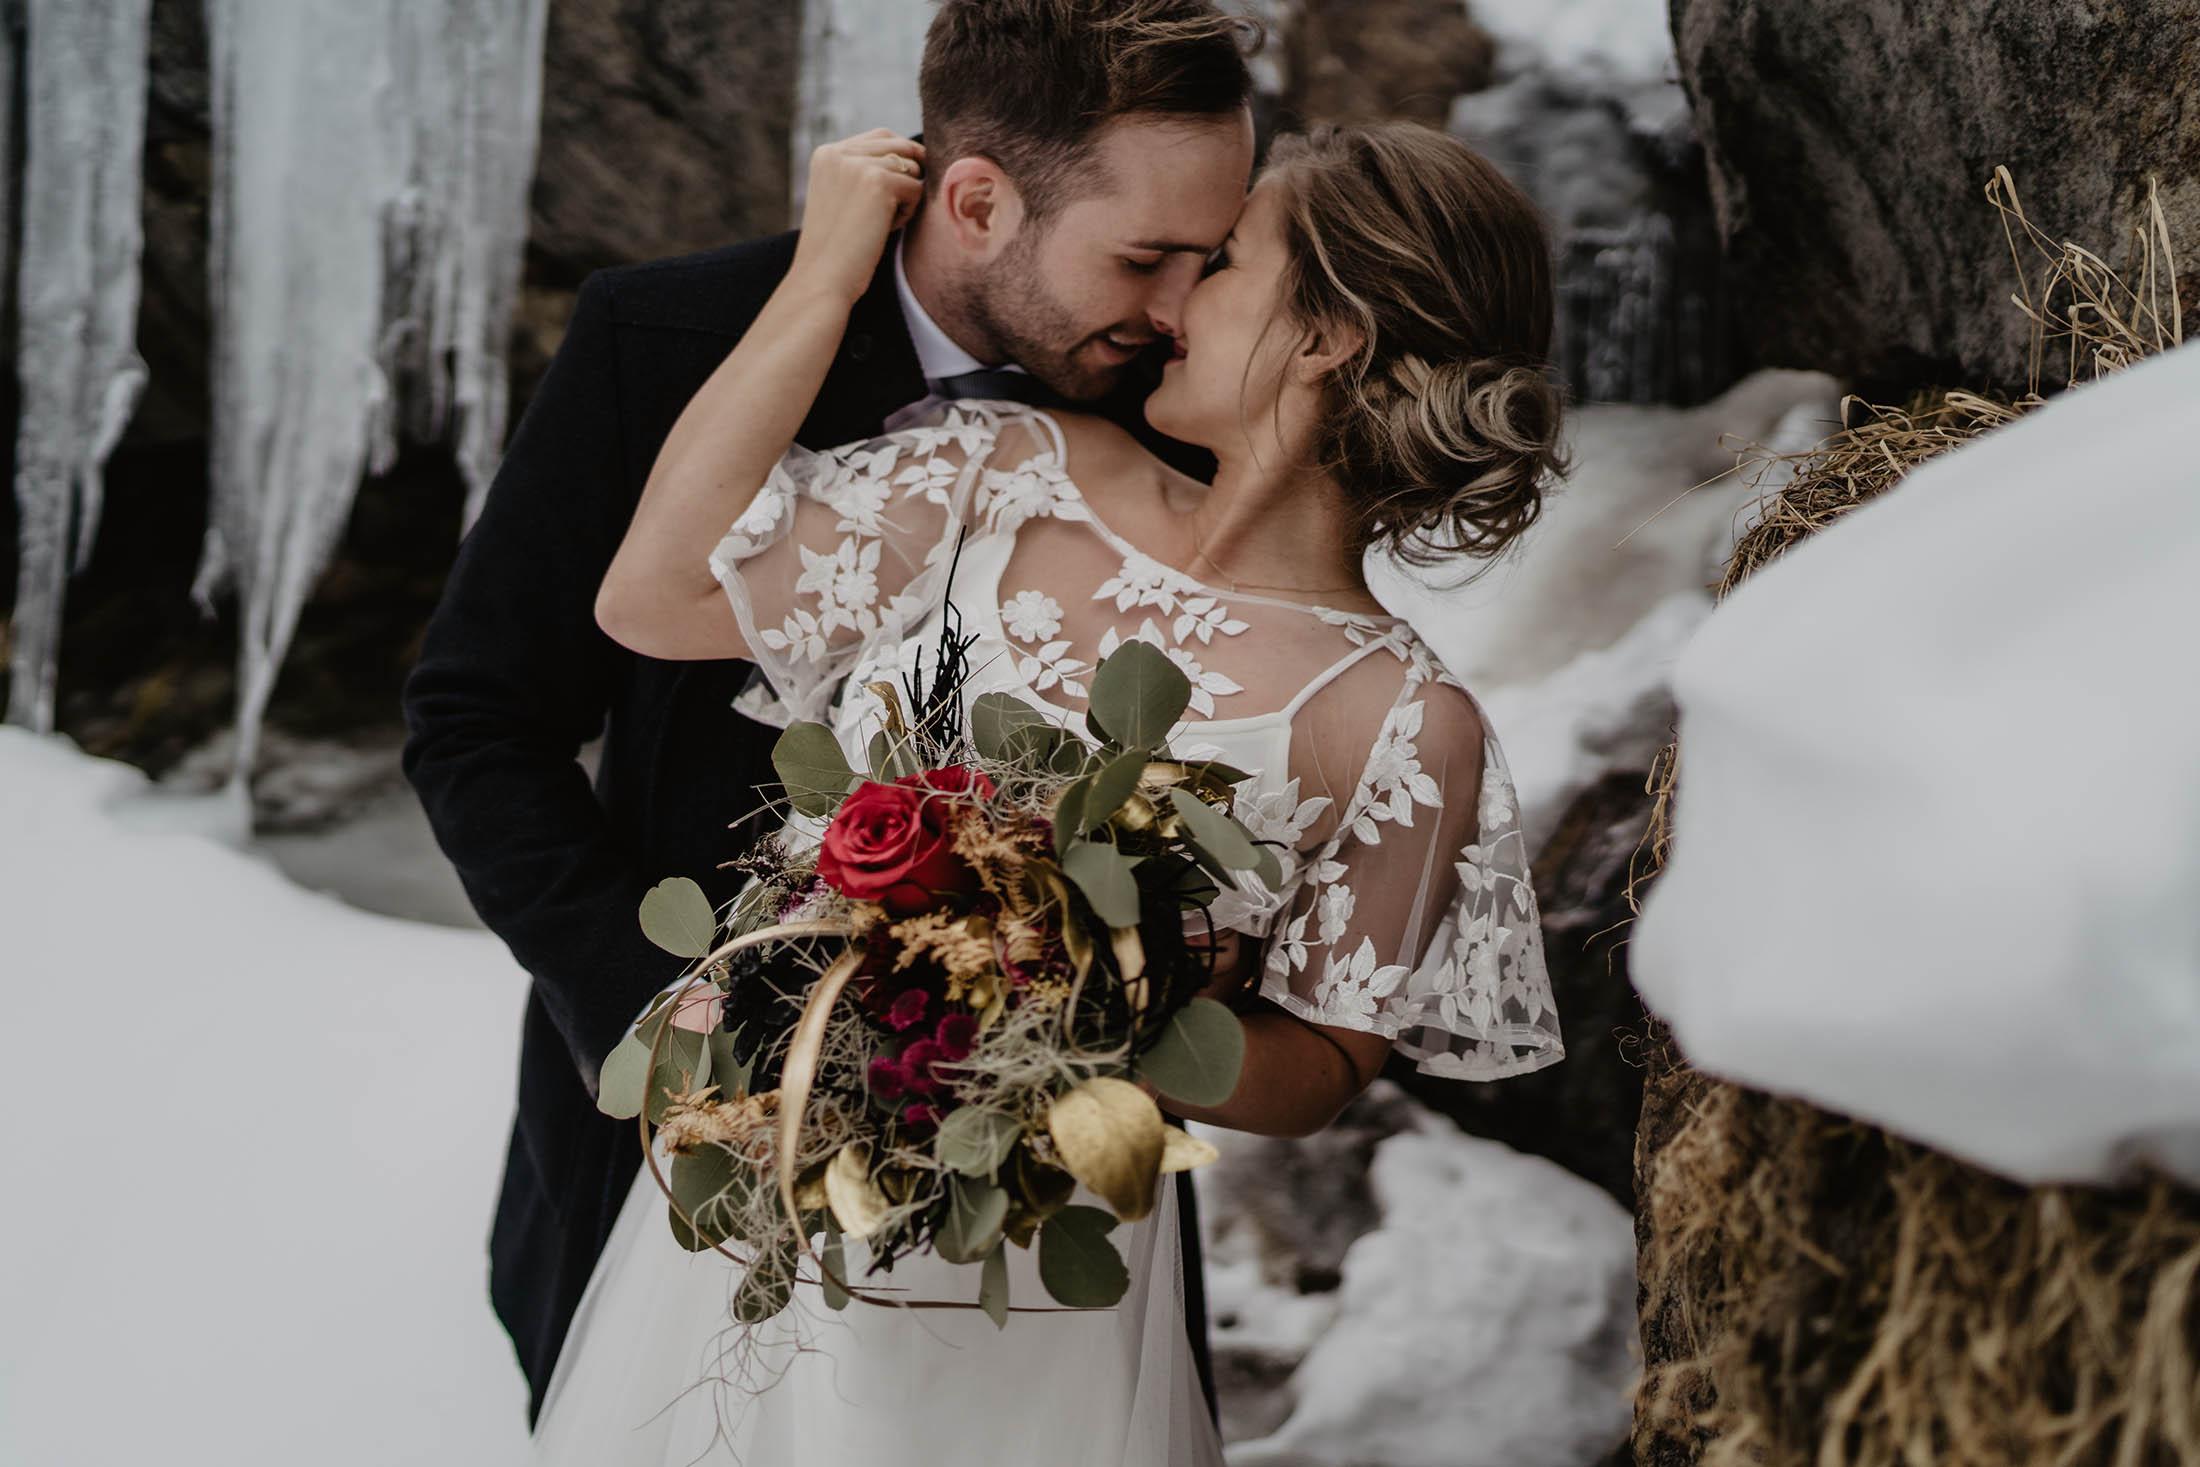 Cold but Gold: Romanze am gefrorenen Wasserfall